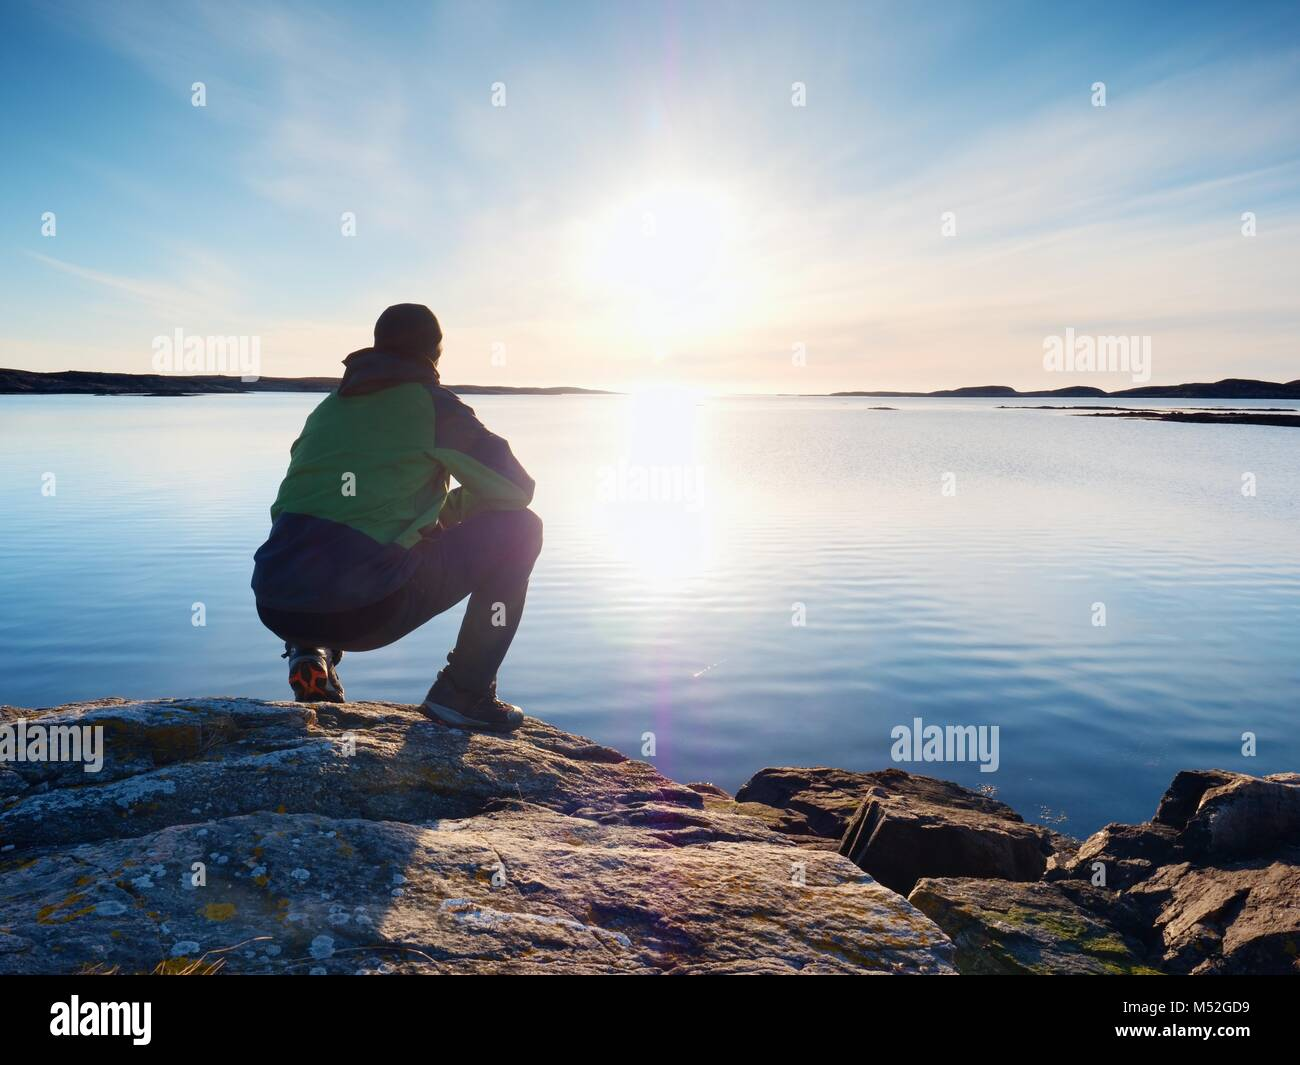 Einsamer Mann, Wanderer sitzt alleine an der felsigen Küste und genießen den Sonnenuntergang. Blick über die felsige Klippe zum freien Ozean Stockfoto